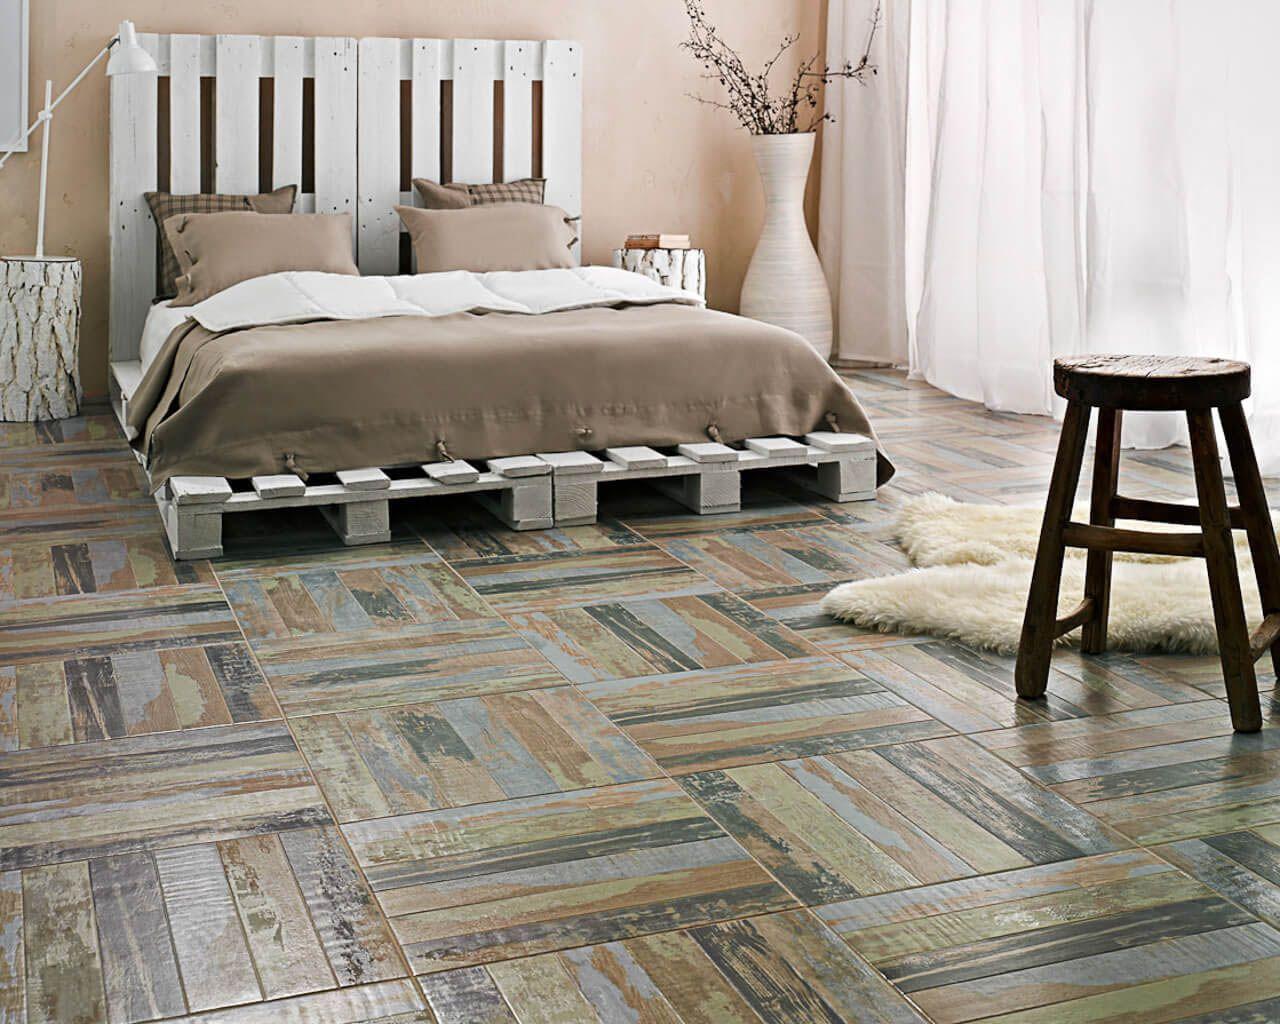 Fußboden Aus Alten Paletten ~ Schlafzimmer mit einem fußboden wie ein parkett und einem bett aus